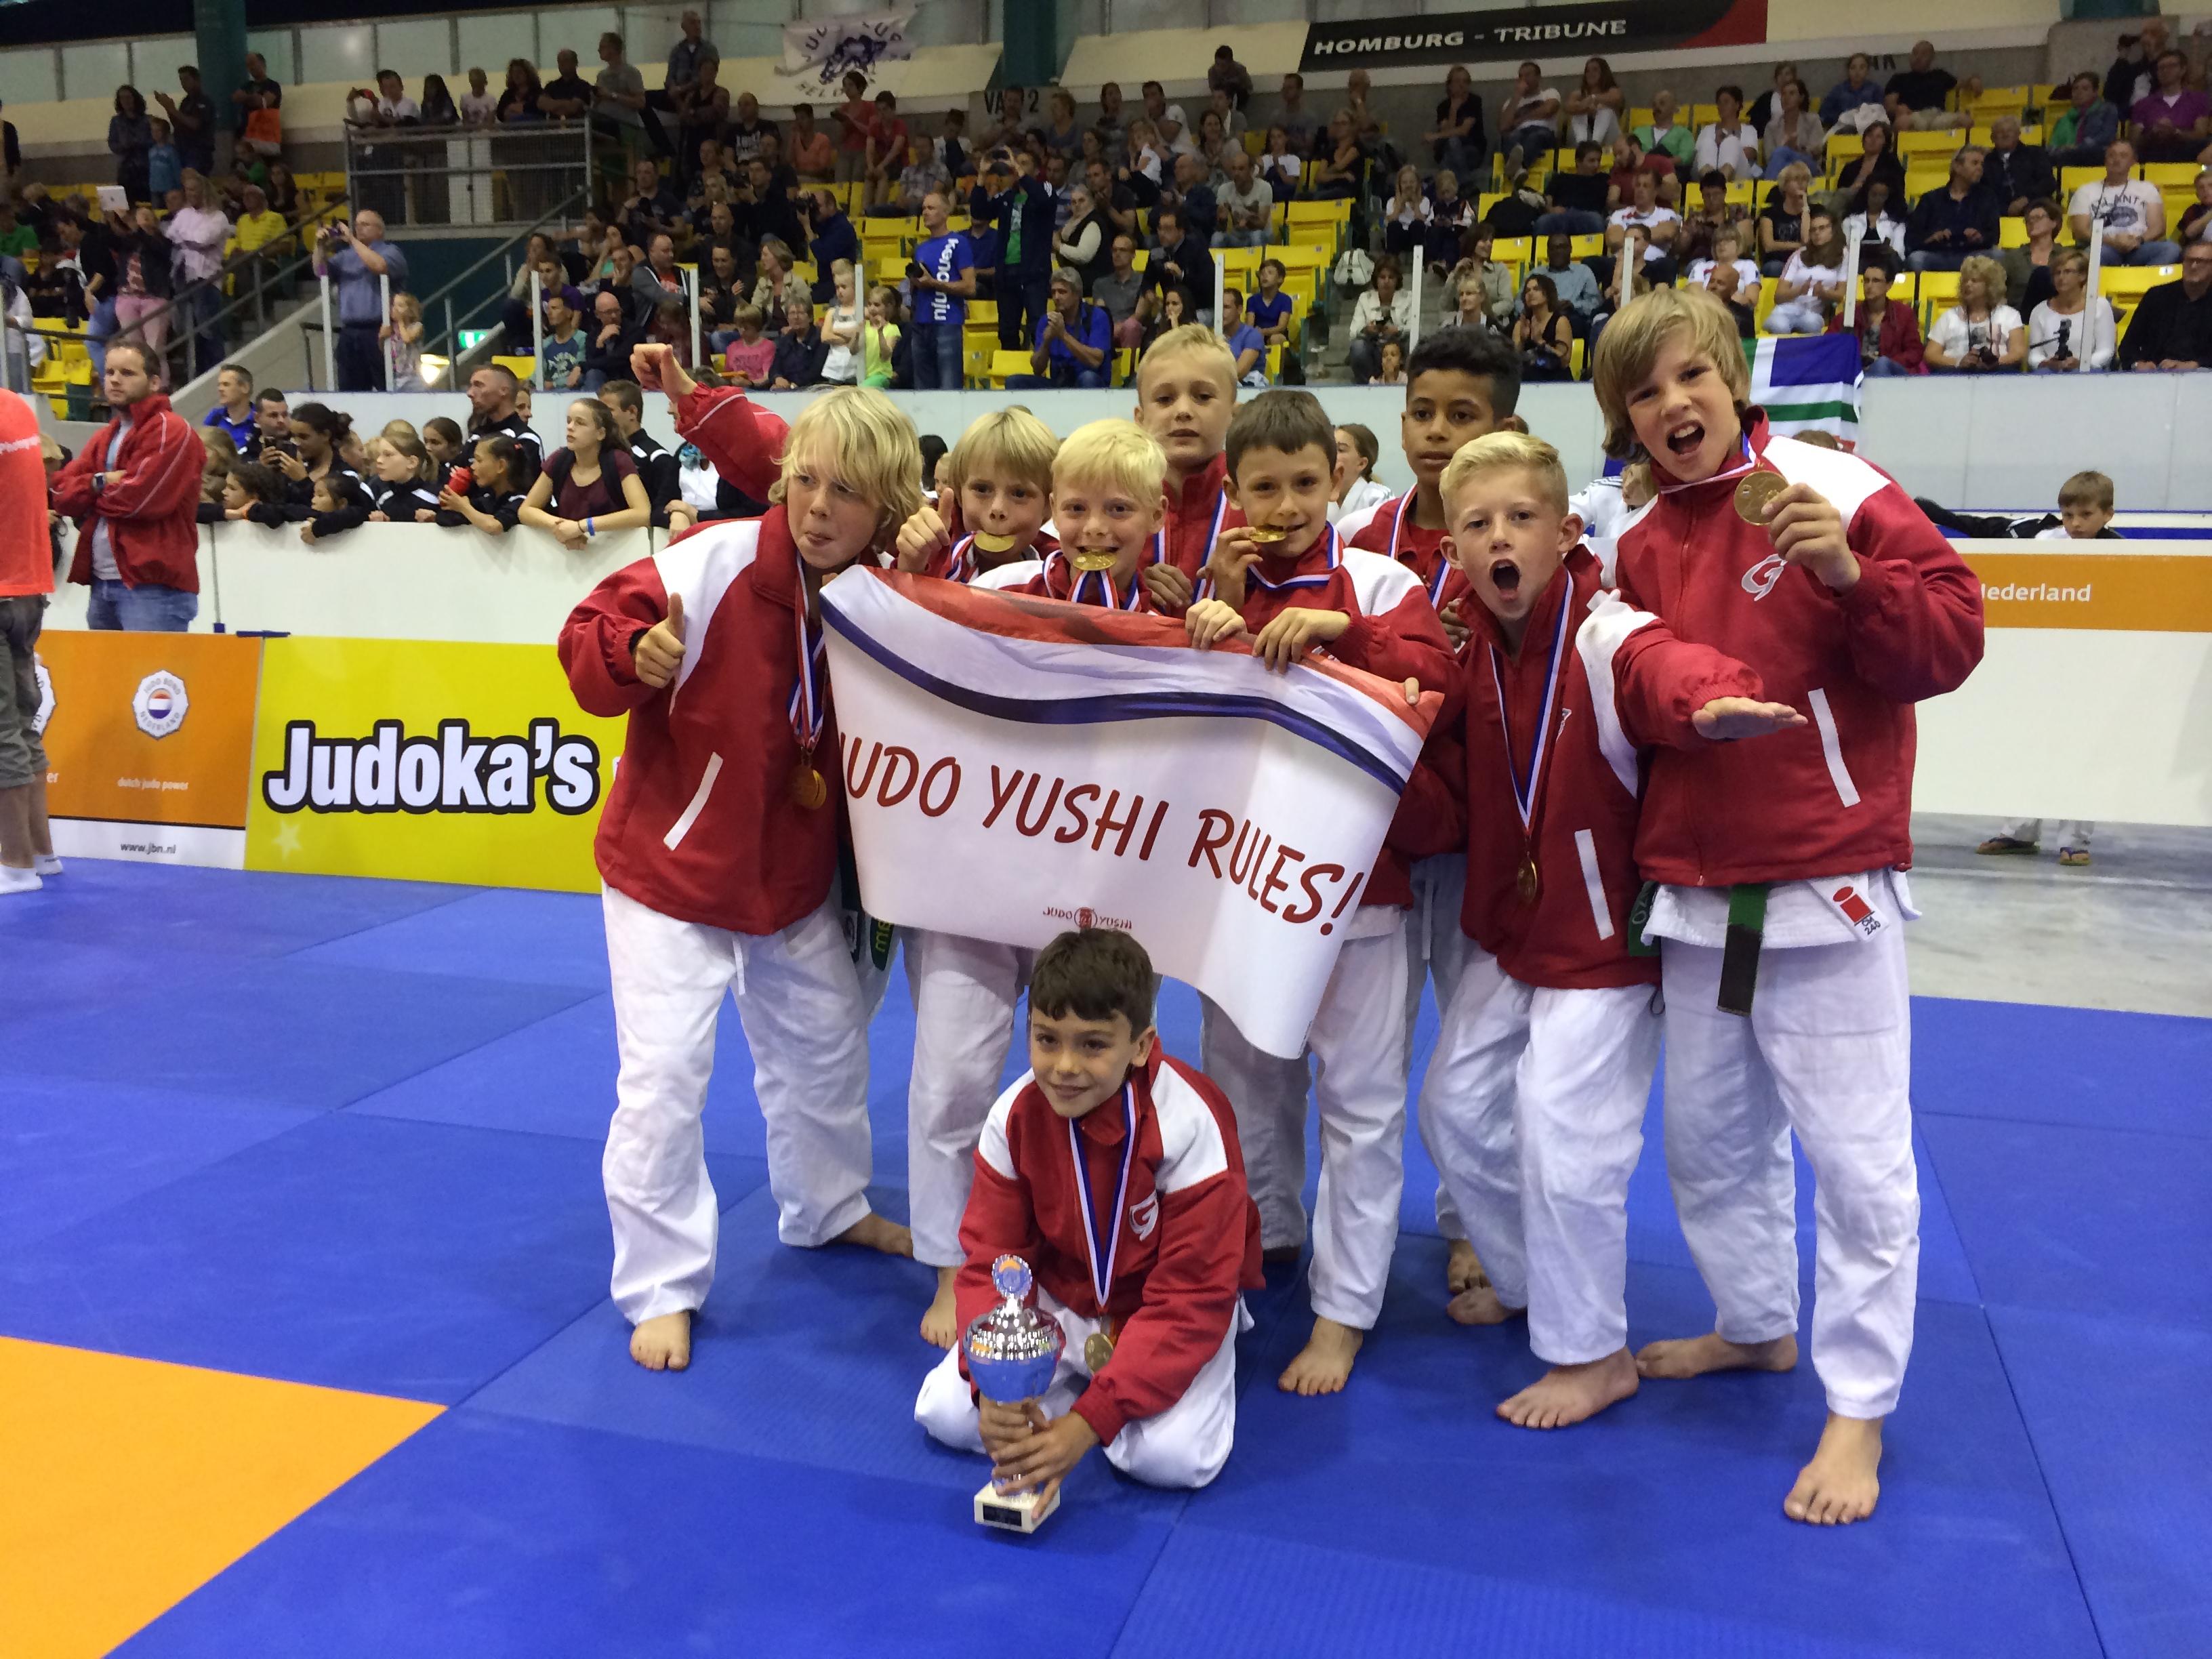 Judo Yushi wedstrijdjudo team -12 jaar